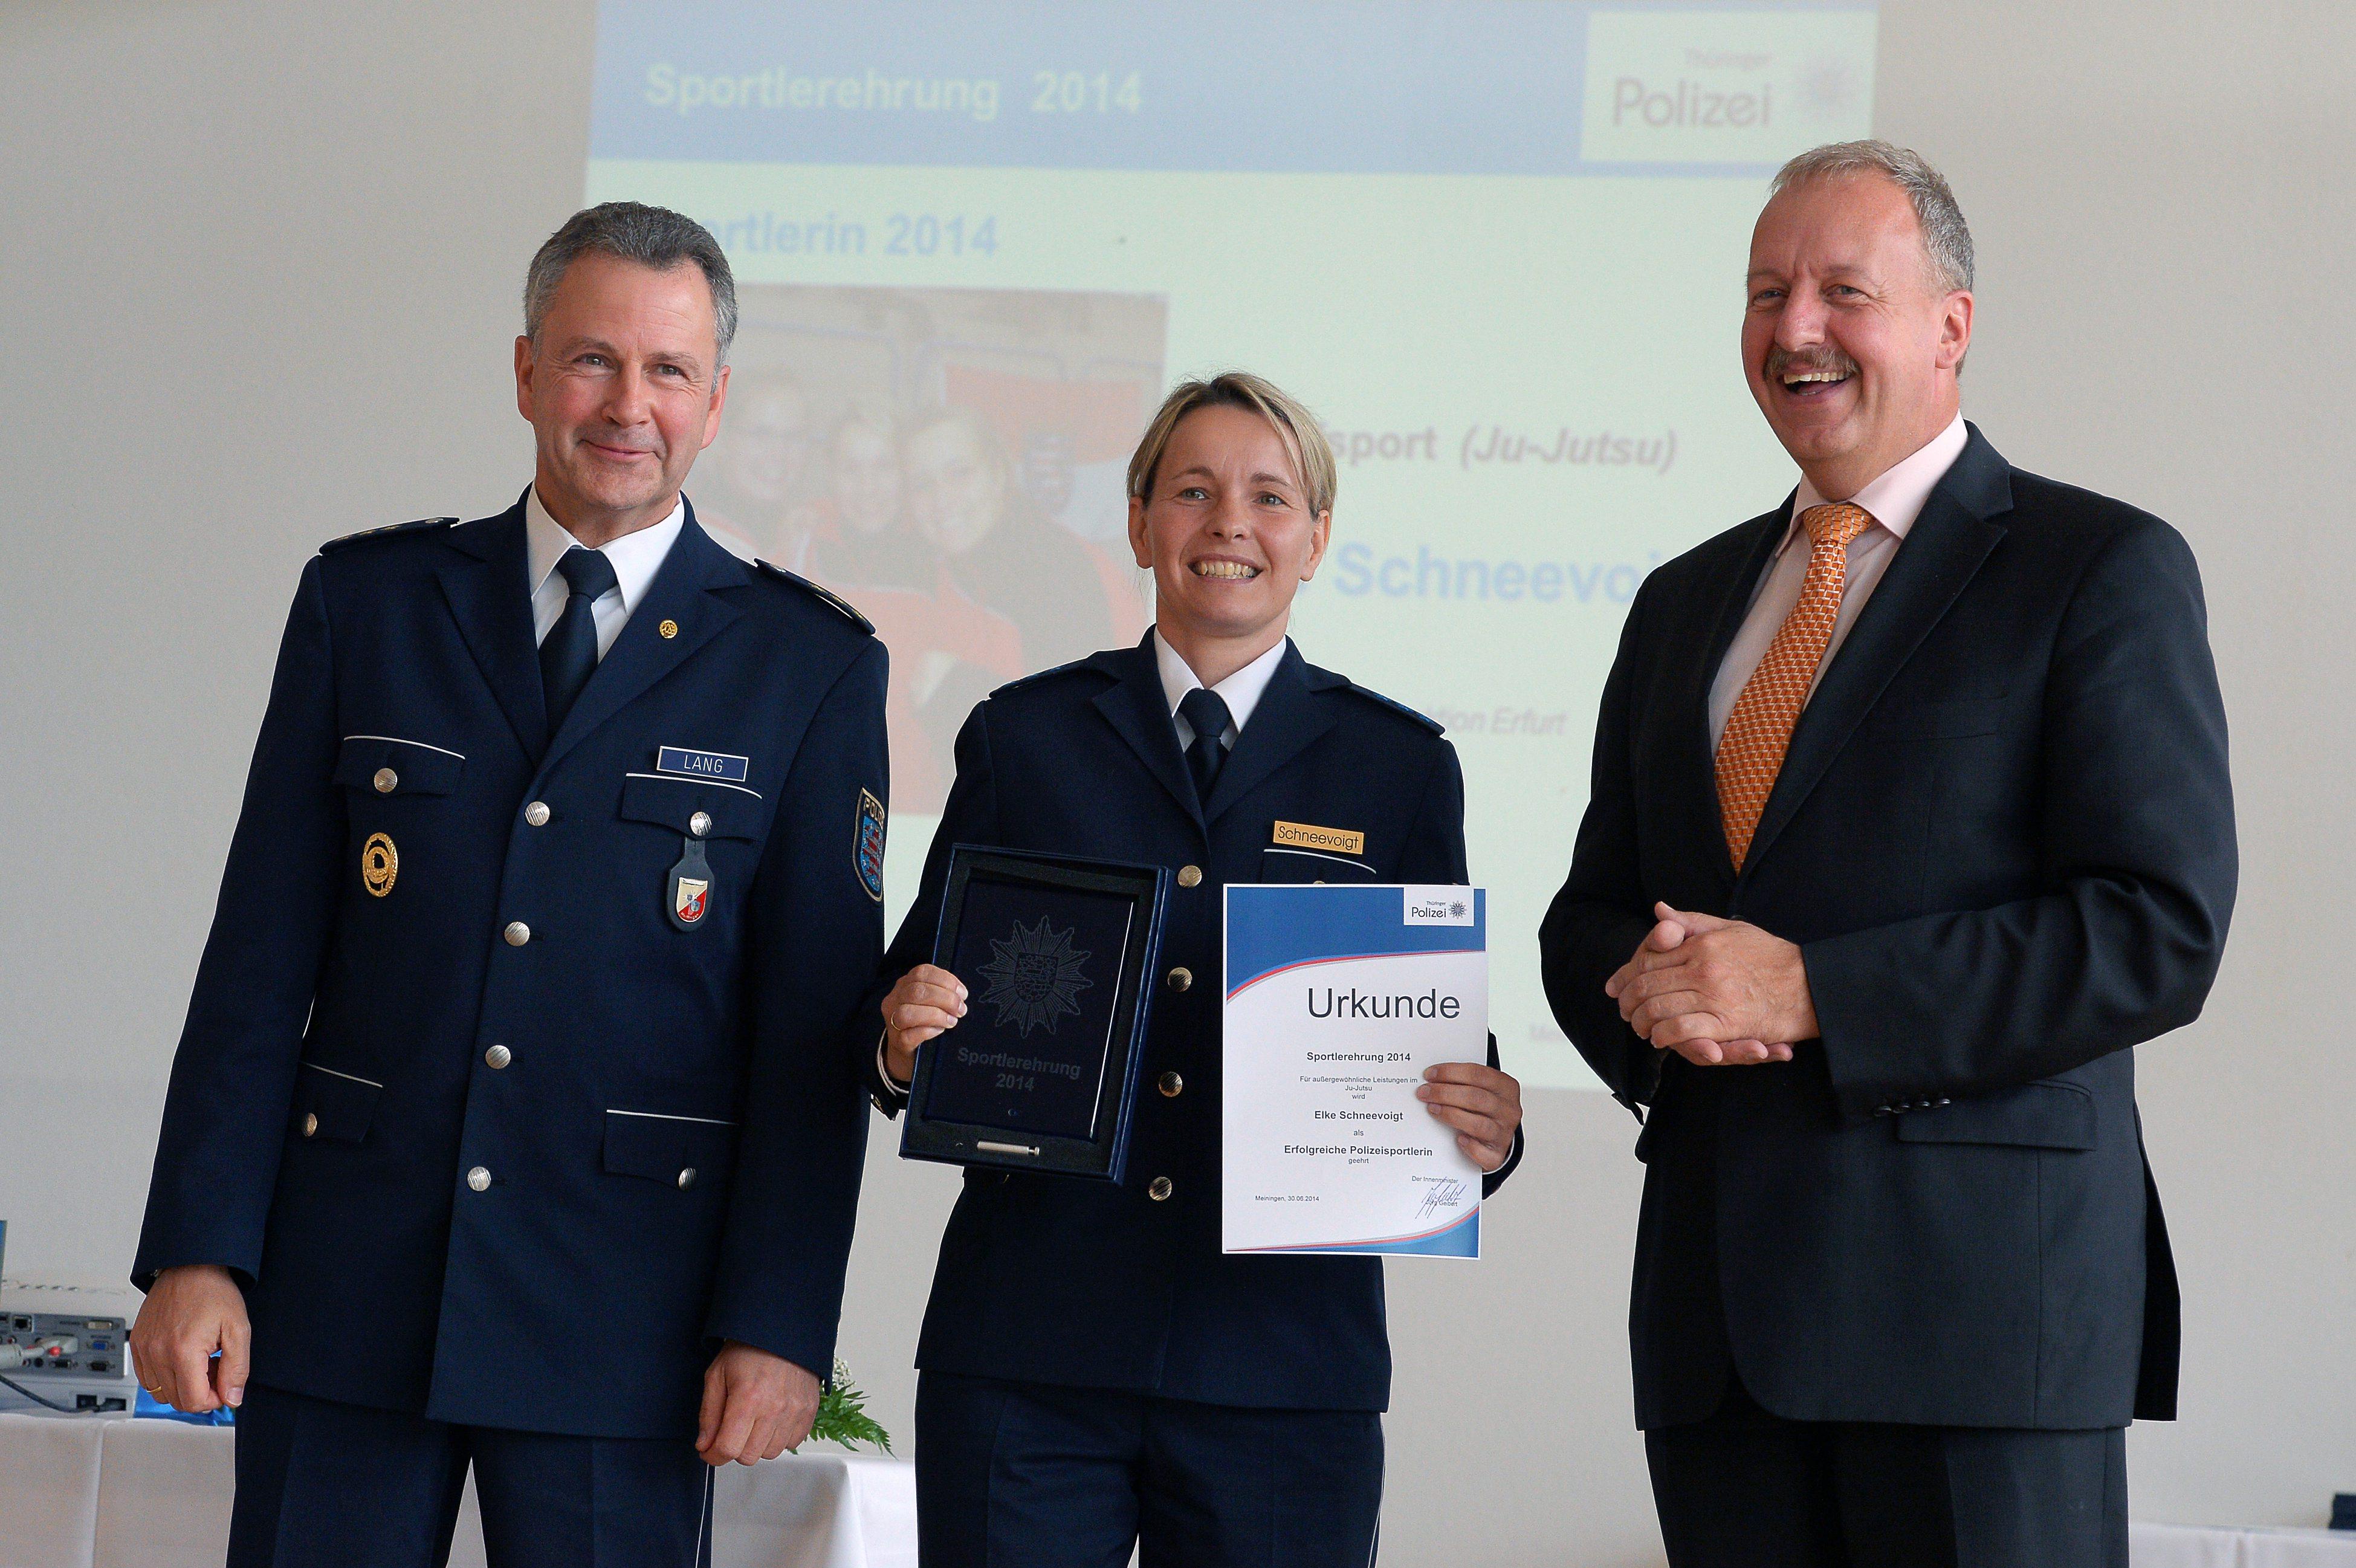 30/06/2014-MEININGEN / 30062014 / Sportlerehrung der ThŸringer Polizei, Thueringens Innenminister Joerg Geibert hat am 30.06.2014 an der Sportlerehrung der ThŸringer Polizei in Meiningen teilgenommen. (FOTO: Marcus Scheidel) ----------------- MARCUS SCHEIDEL, REGIERUNGSSTRASSE 35, 99084 ERFURT, TEL: (0173) 56 96 196, FAX (03212) 56 96 196, MAIL: INFO@FOTOERFURT.DE, SPARKASSE MITTELTHUERINGEN, IBAN: DE89 8205 1000 0100 1262 00, BIC-/SWIFT-Code: HELADEF1WEM, ST.NR. 151/267/03772, HINWEIS: JEGLICHE KOMMERZIELLE NUTZUNG IST HONORARPFLICHTIG! HONORAR GEMAESS MFM ZZGL. 7 % MWST. WEITERGABE AN DRITTE NUR NACH VORHERIGER ABSPRACHE MIT DEM URHEBER! DARSTELLUNG IM INTERNET IST GRUNDSAETZLICH HONORARPFLICHTIG, AUCH ALS 1:1 KOPIE IN INTERNET AUSGABEN VON TAGESZEITUNGEN UND MAGAZINEN. AUTORENNENNUNG AUCH F†R INTERNET DARSTELLUNG GEMAESS ¤ 13 URHGES. *** Local Caption *** TIM, TIM2014, Innenminister